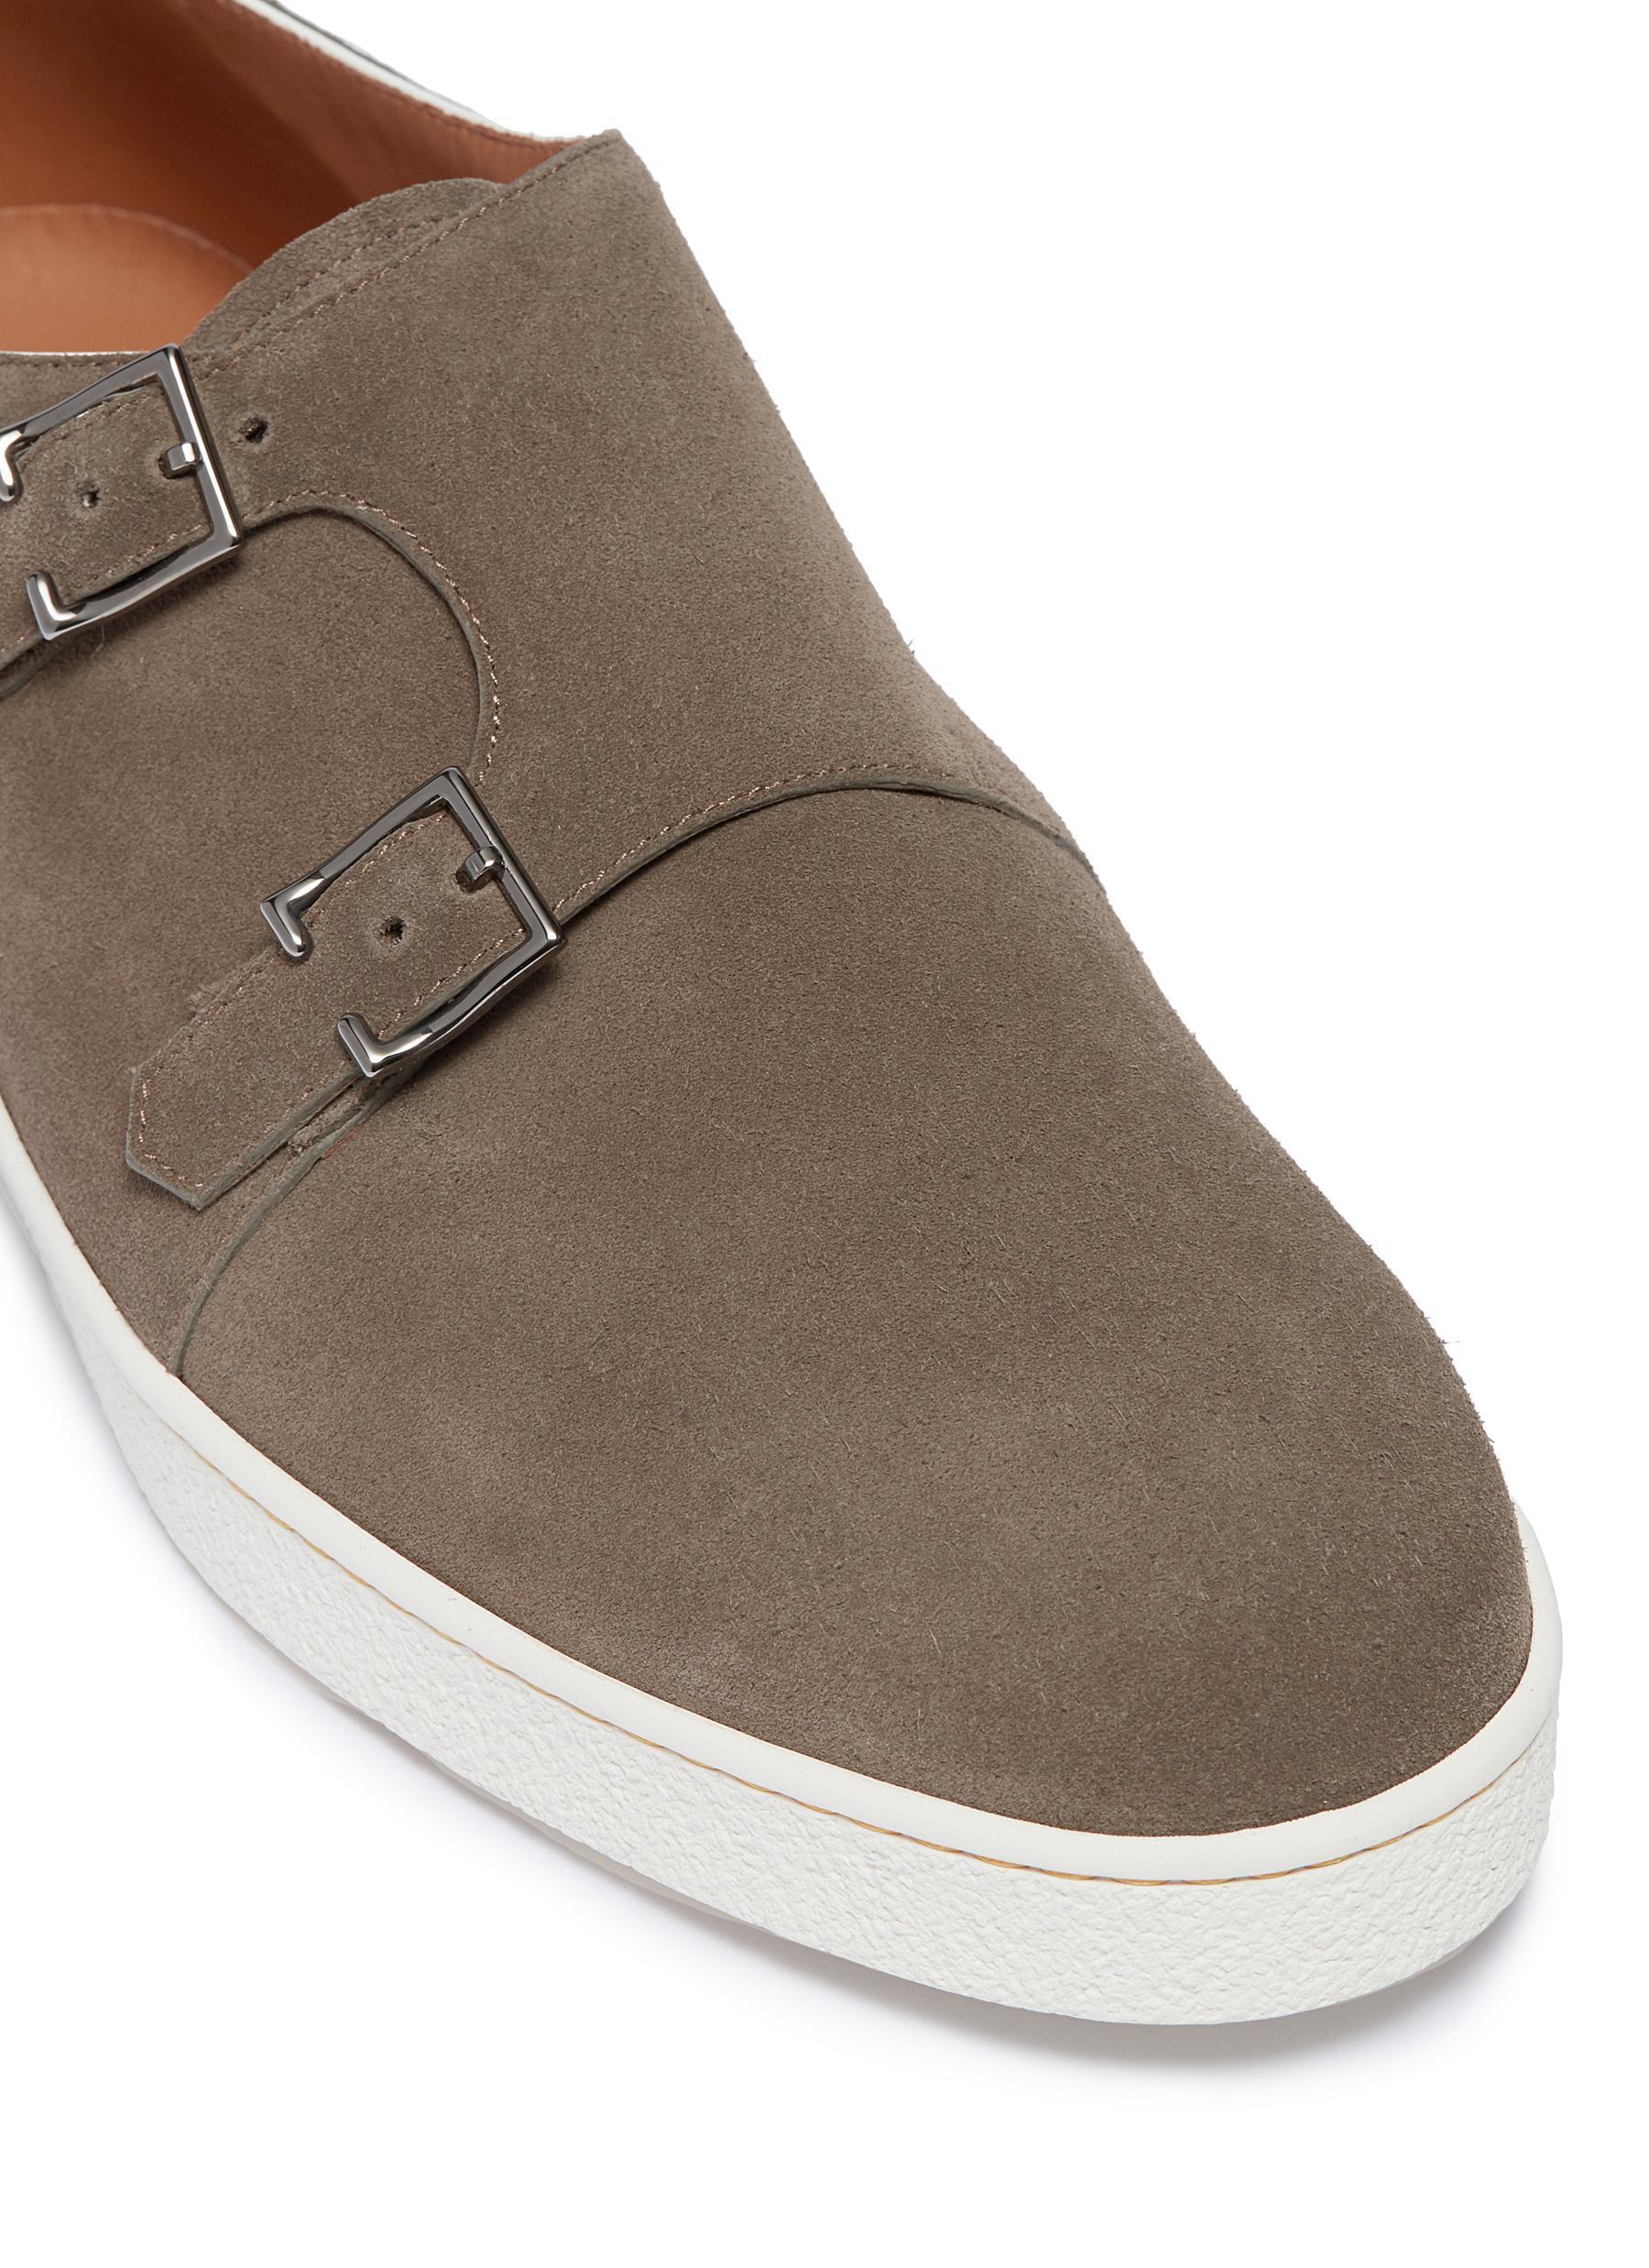 double monk strap sneaker